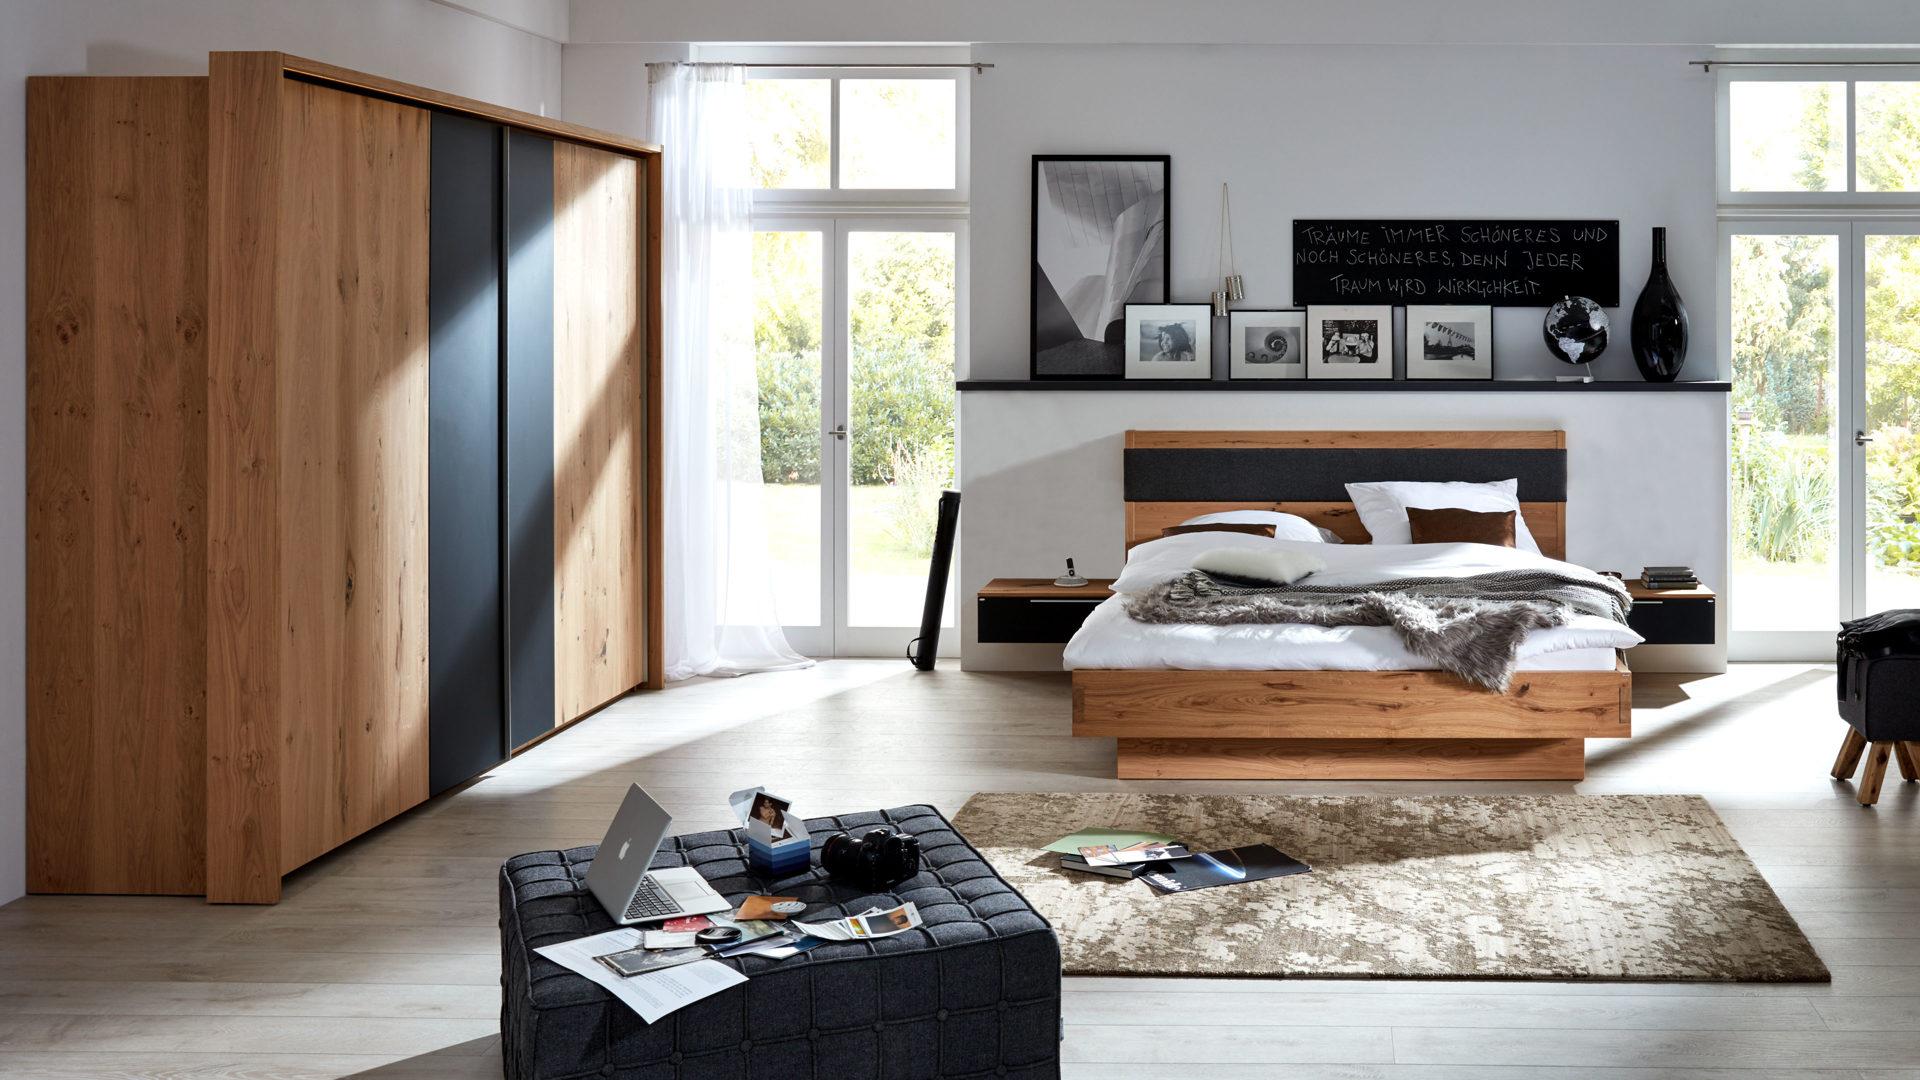 Interliving Schlafzimmer Serie 1004 – Schlafzimmerkombination, Alteiche  Rustiko, Anthrazit & Basaltgrau – vierteilig